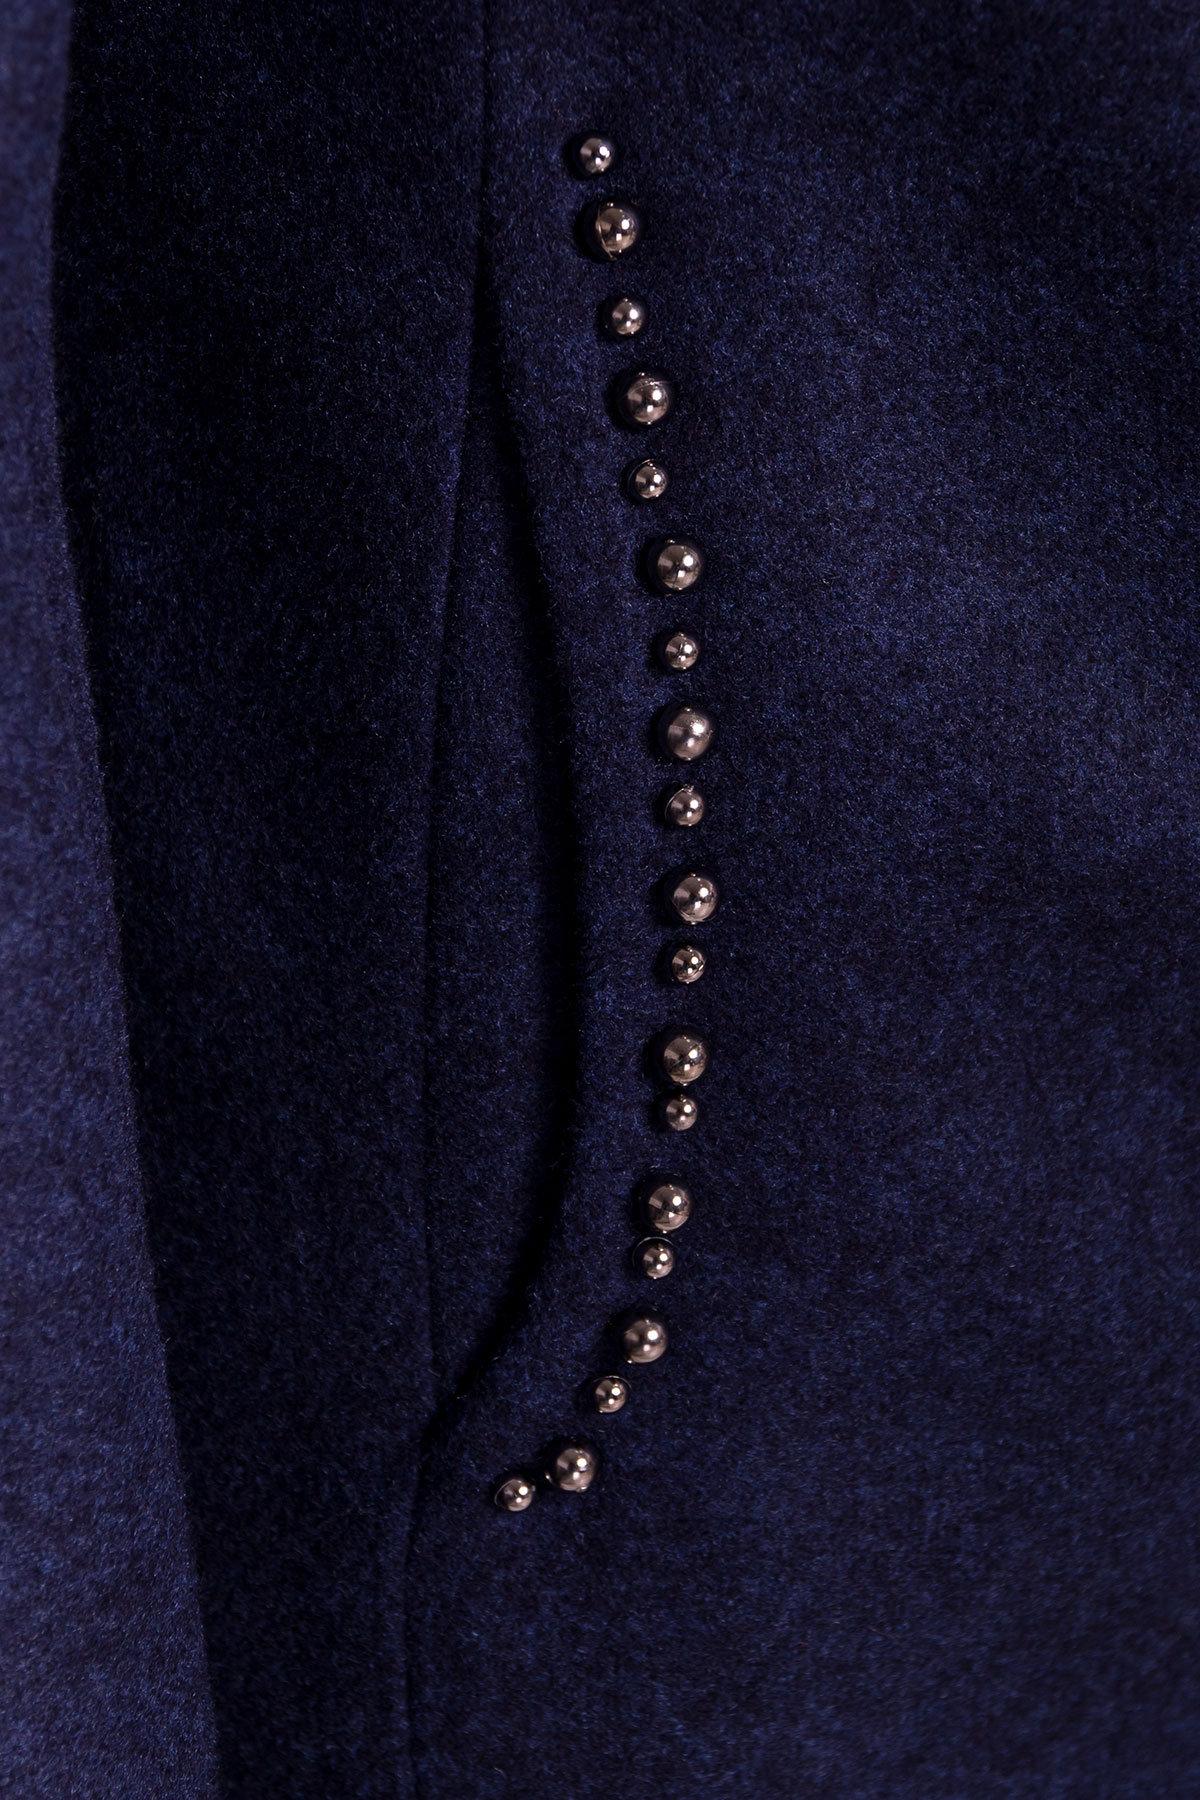 Весенние пальто Пелагея 5512 АРТ. 37060 Цвет: Темно-синий 17 - фото 5, интернет магазин tm-modus.ru